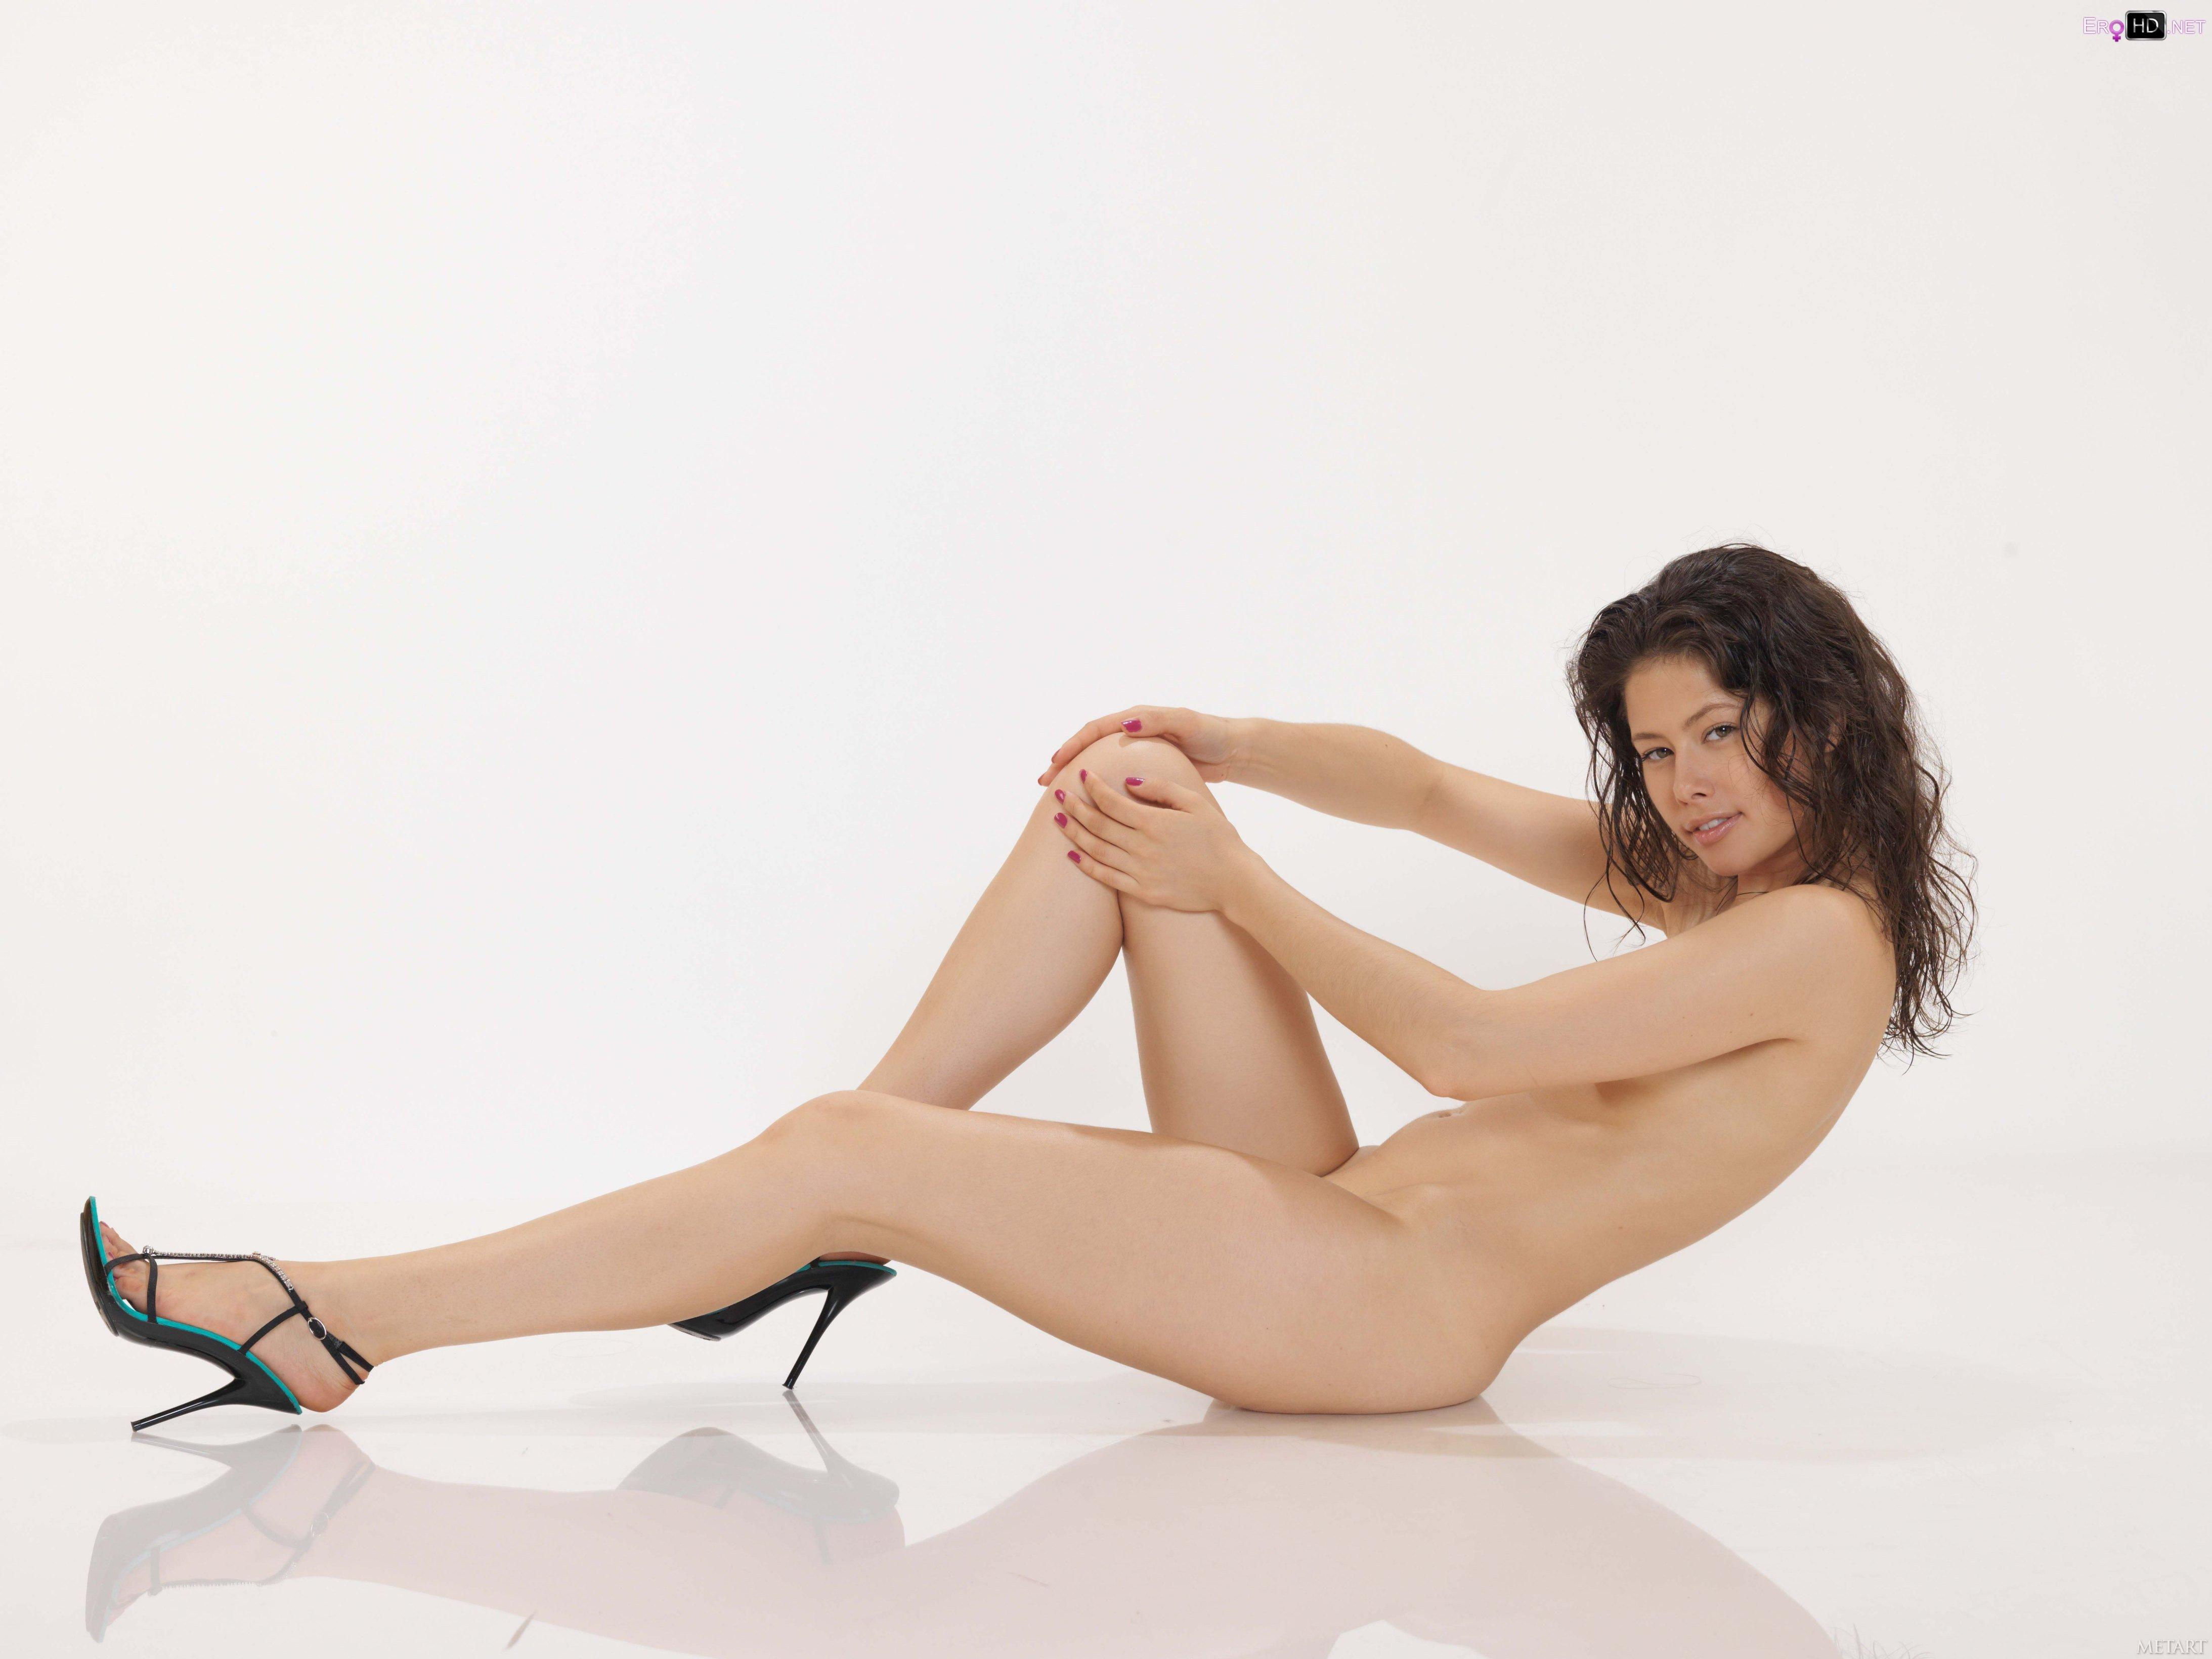 голая девушка на каблуках онлайн